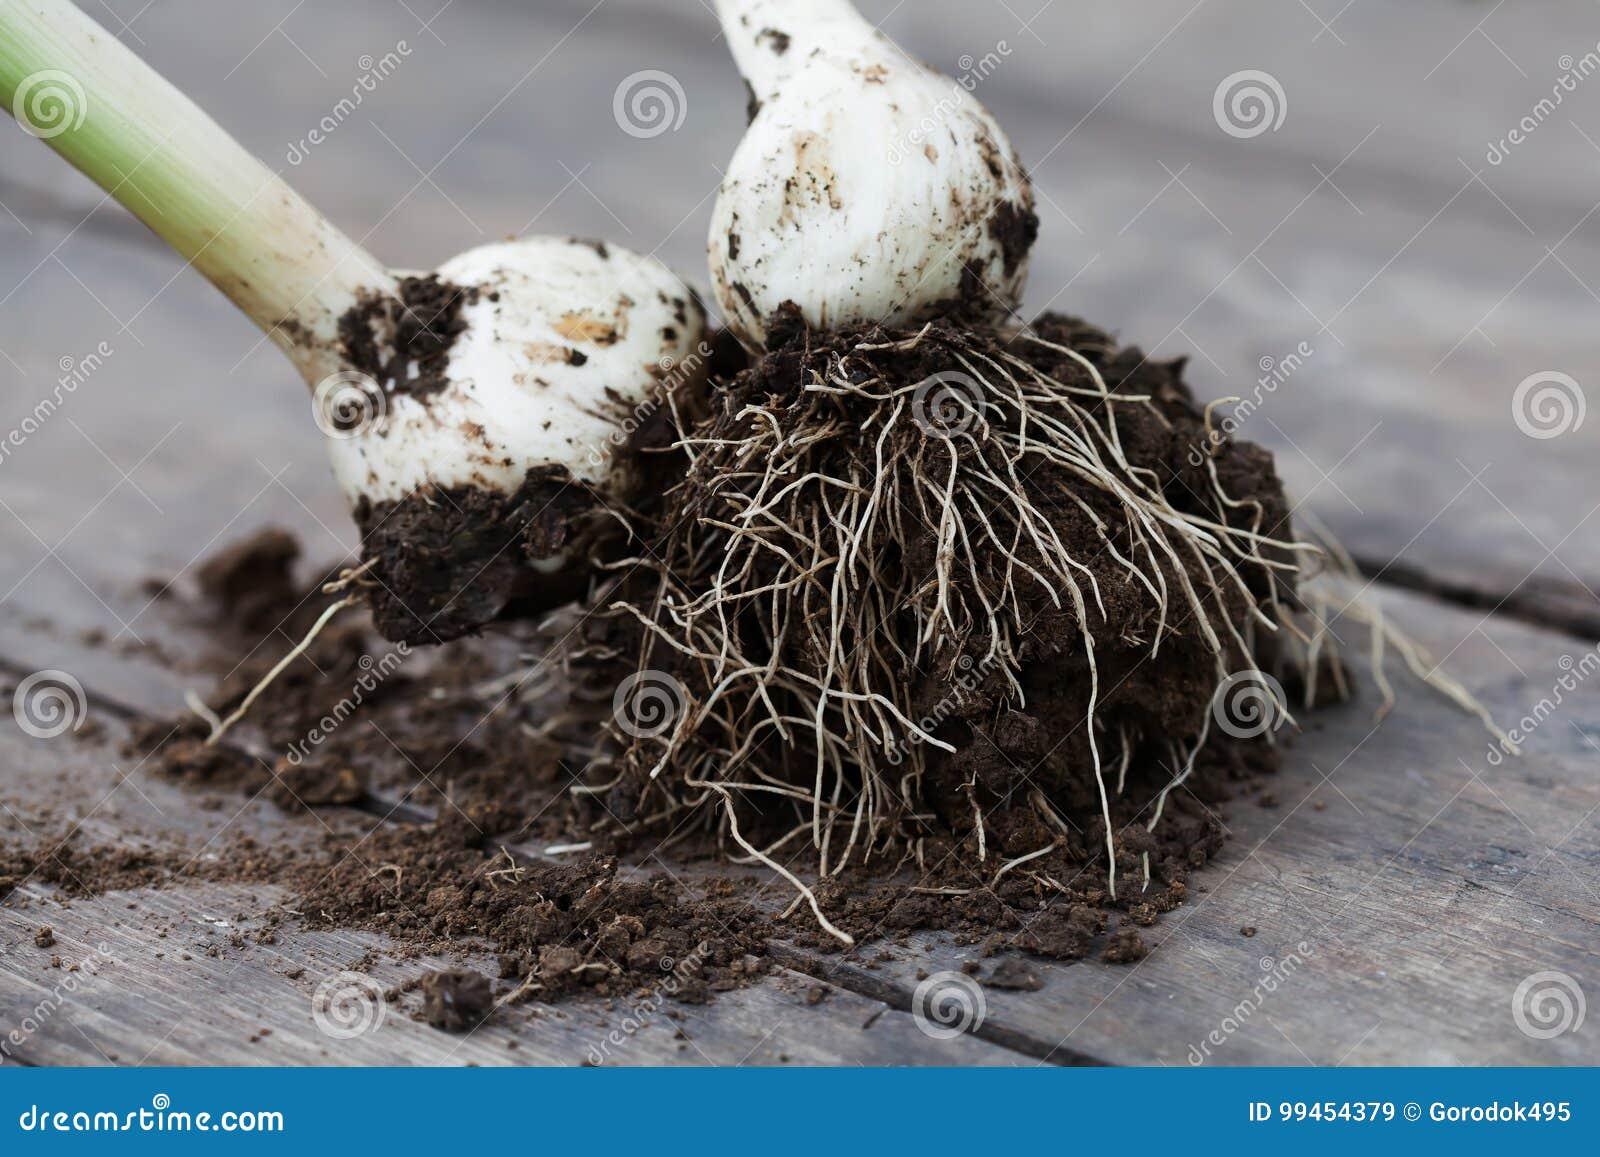 白色电灯泡葱植物根源与在木桌,选择聚焦上的土壤